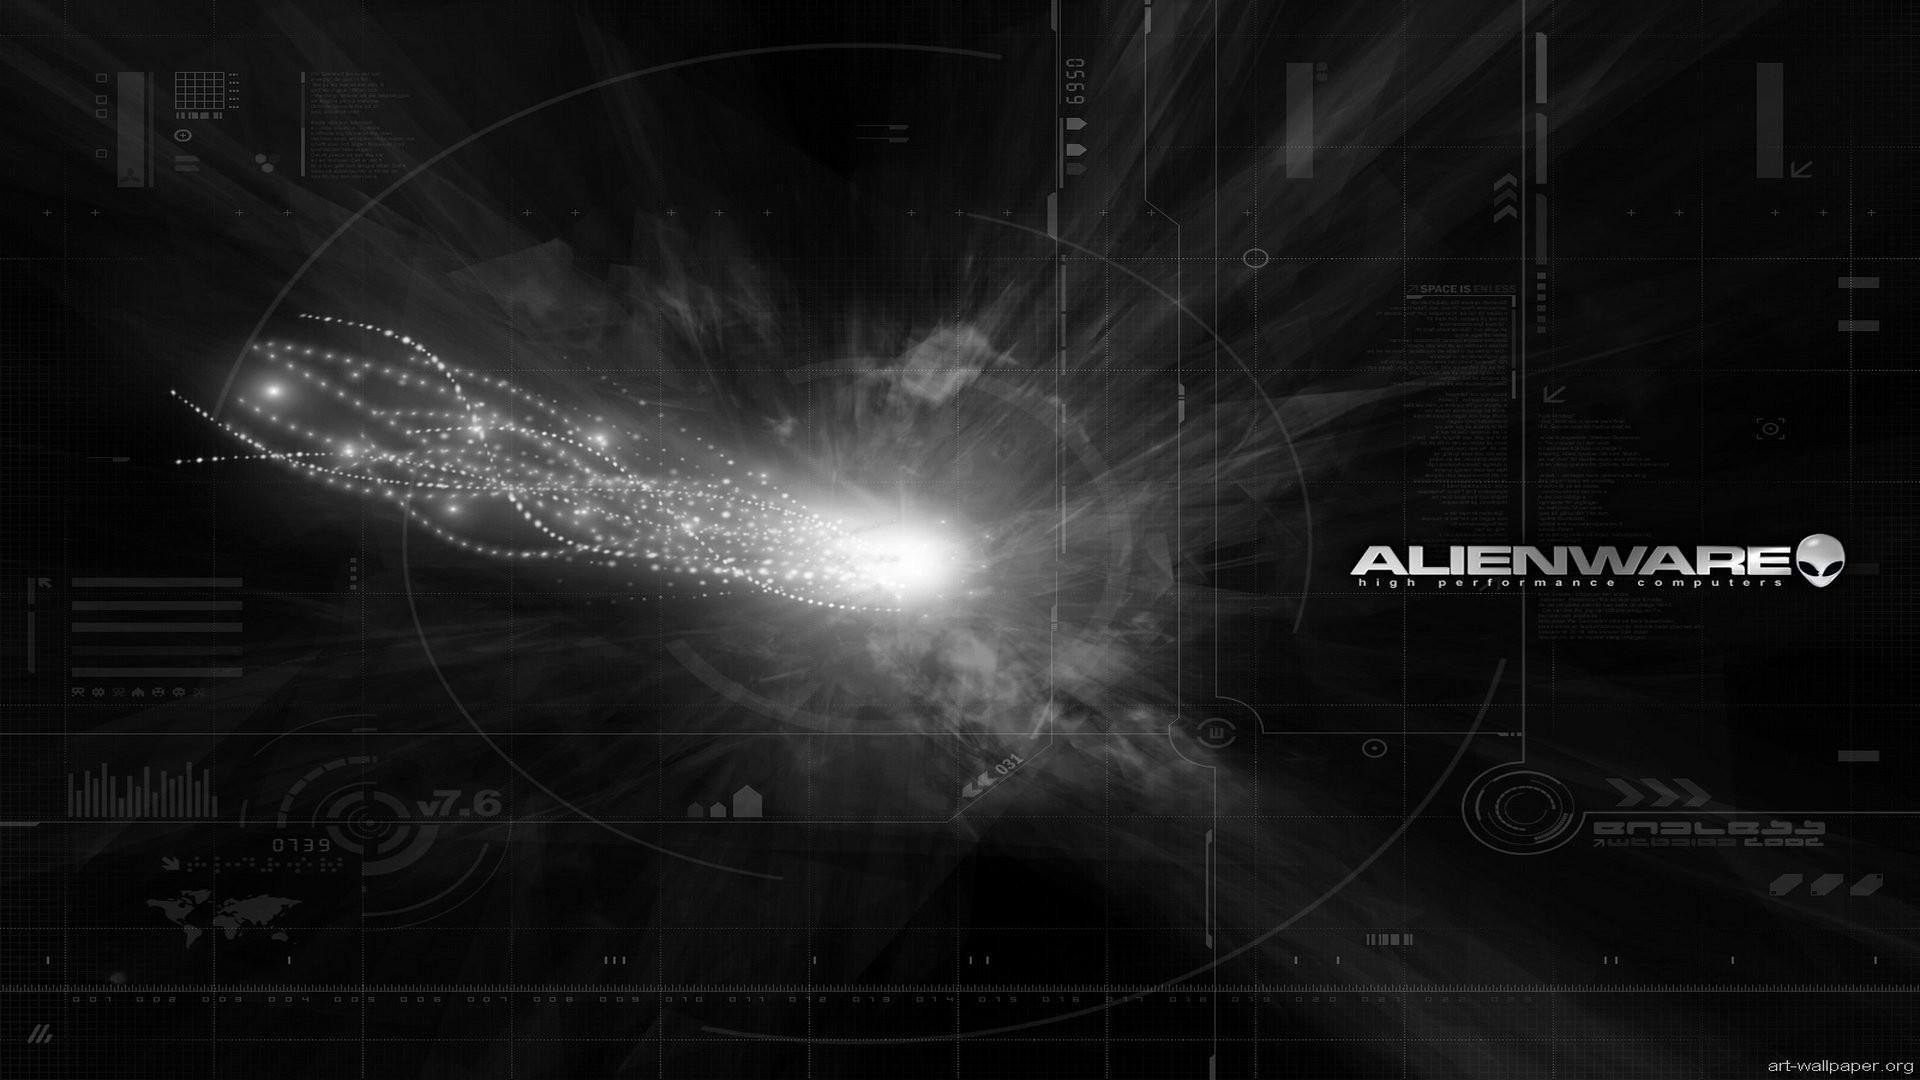 4K Alienware Wallpaper (72+ Images